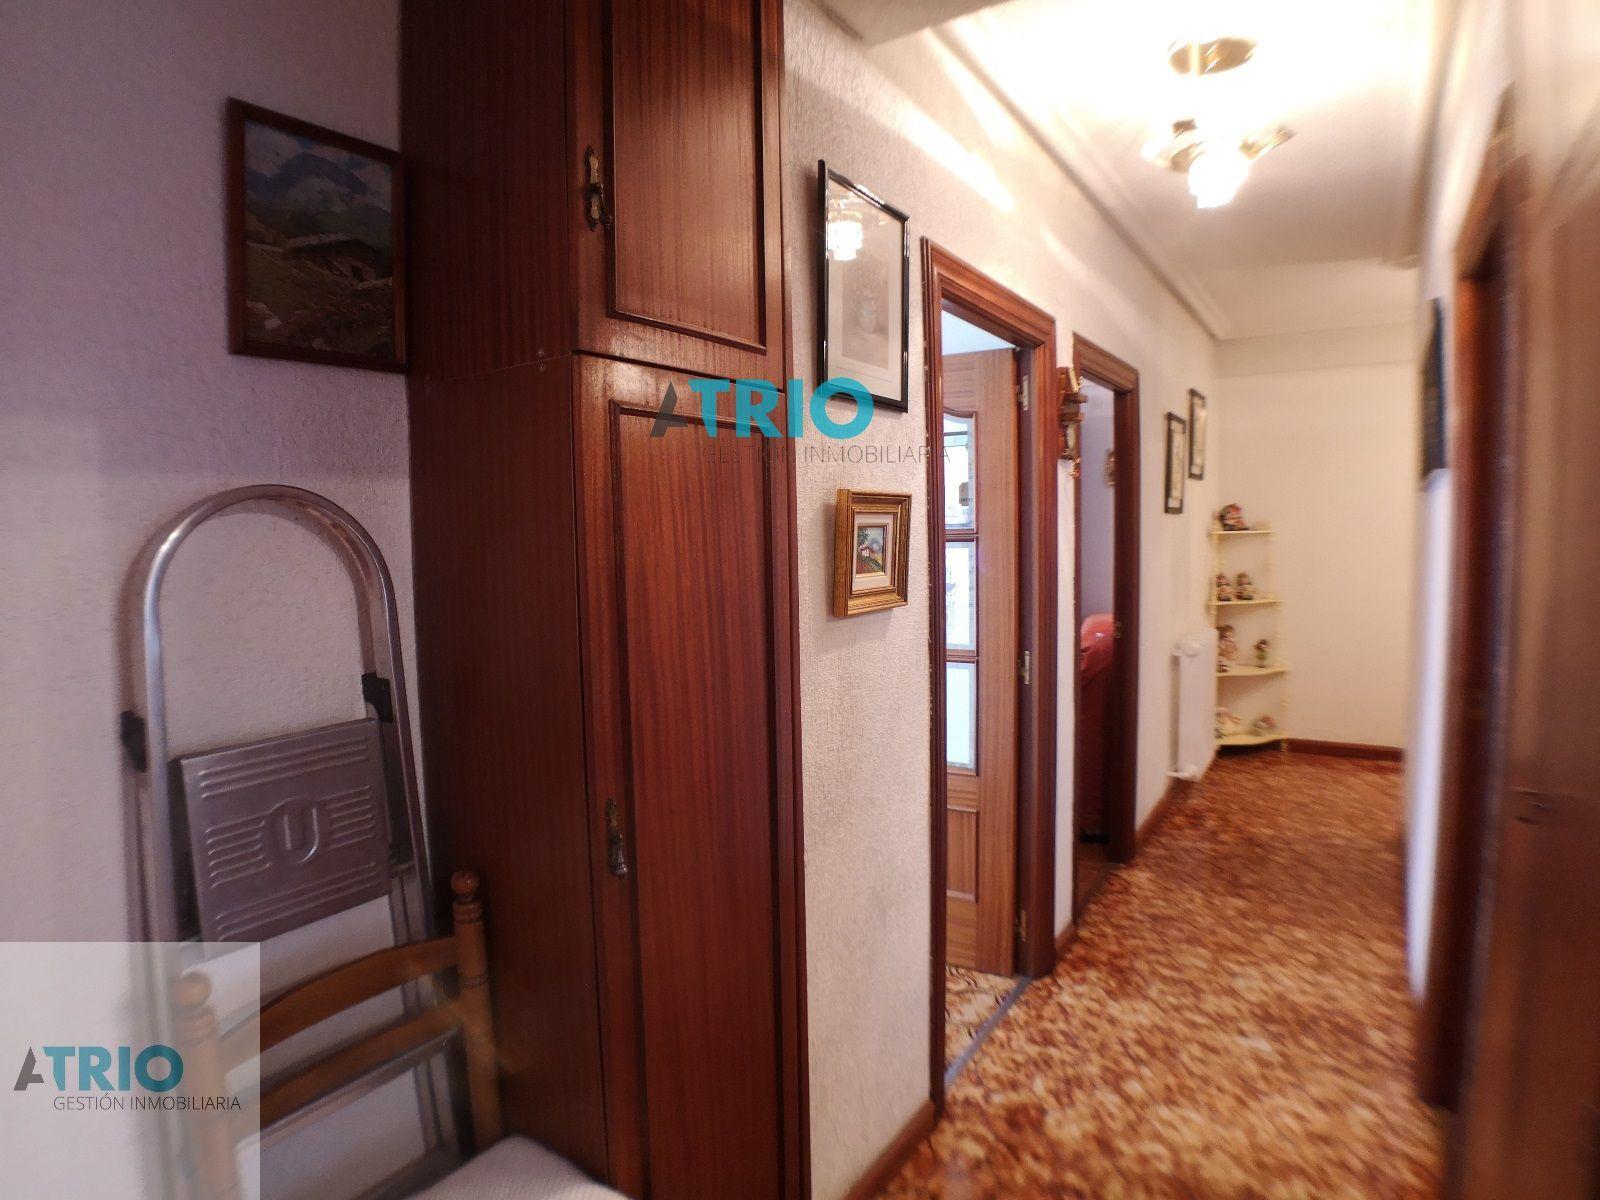 dia.mobiliagestion.es/Portals/inmoatrio/Images/7860/7497793